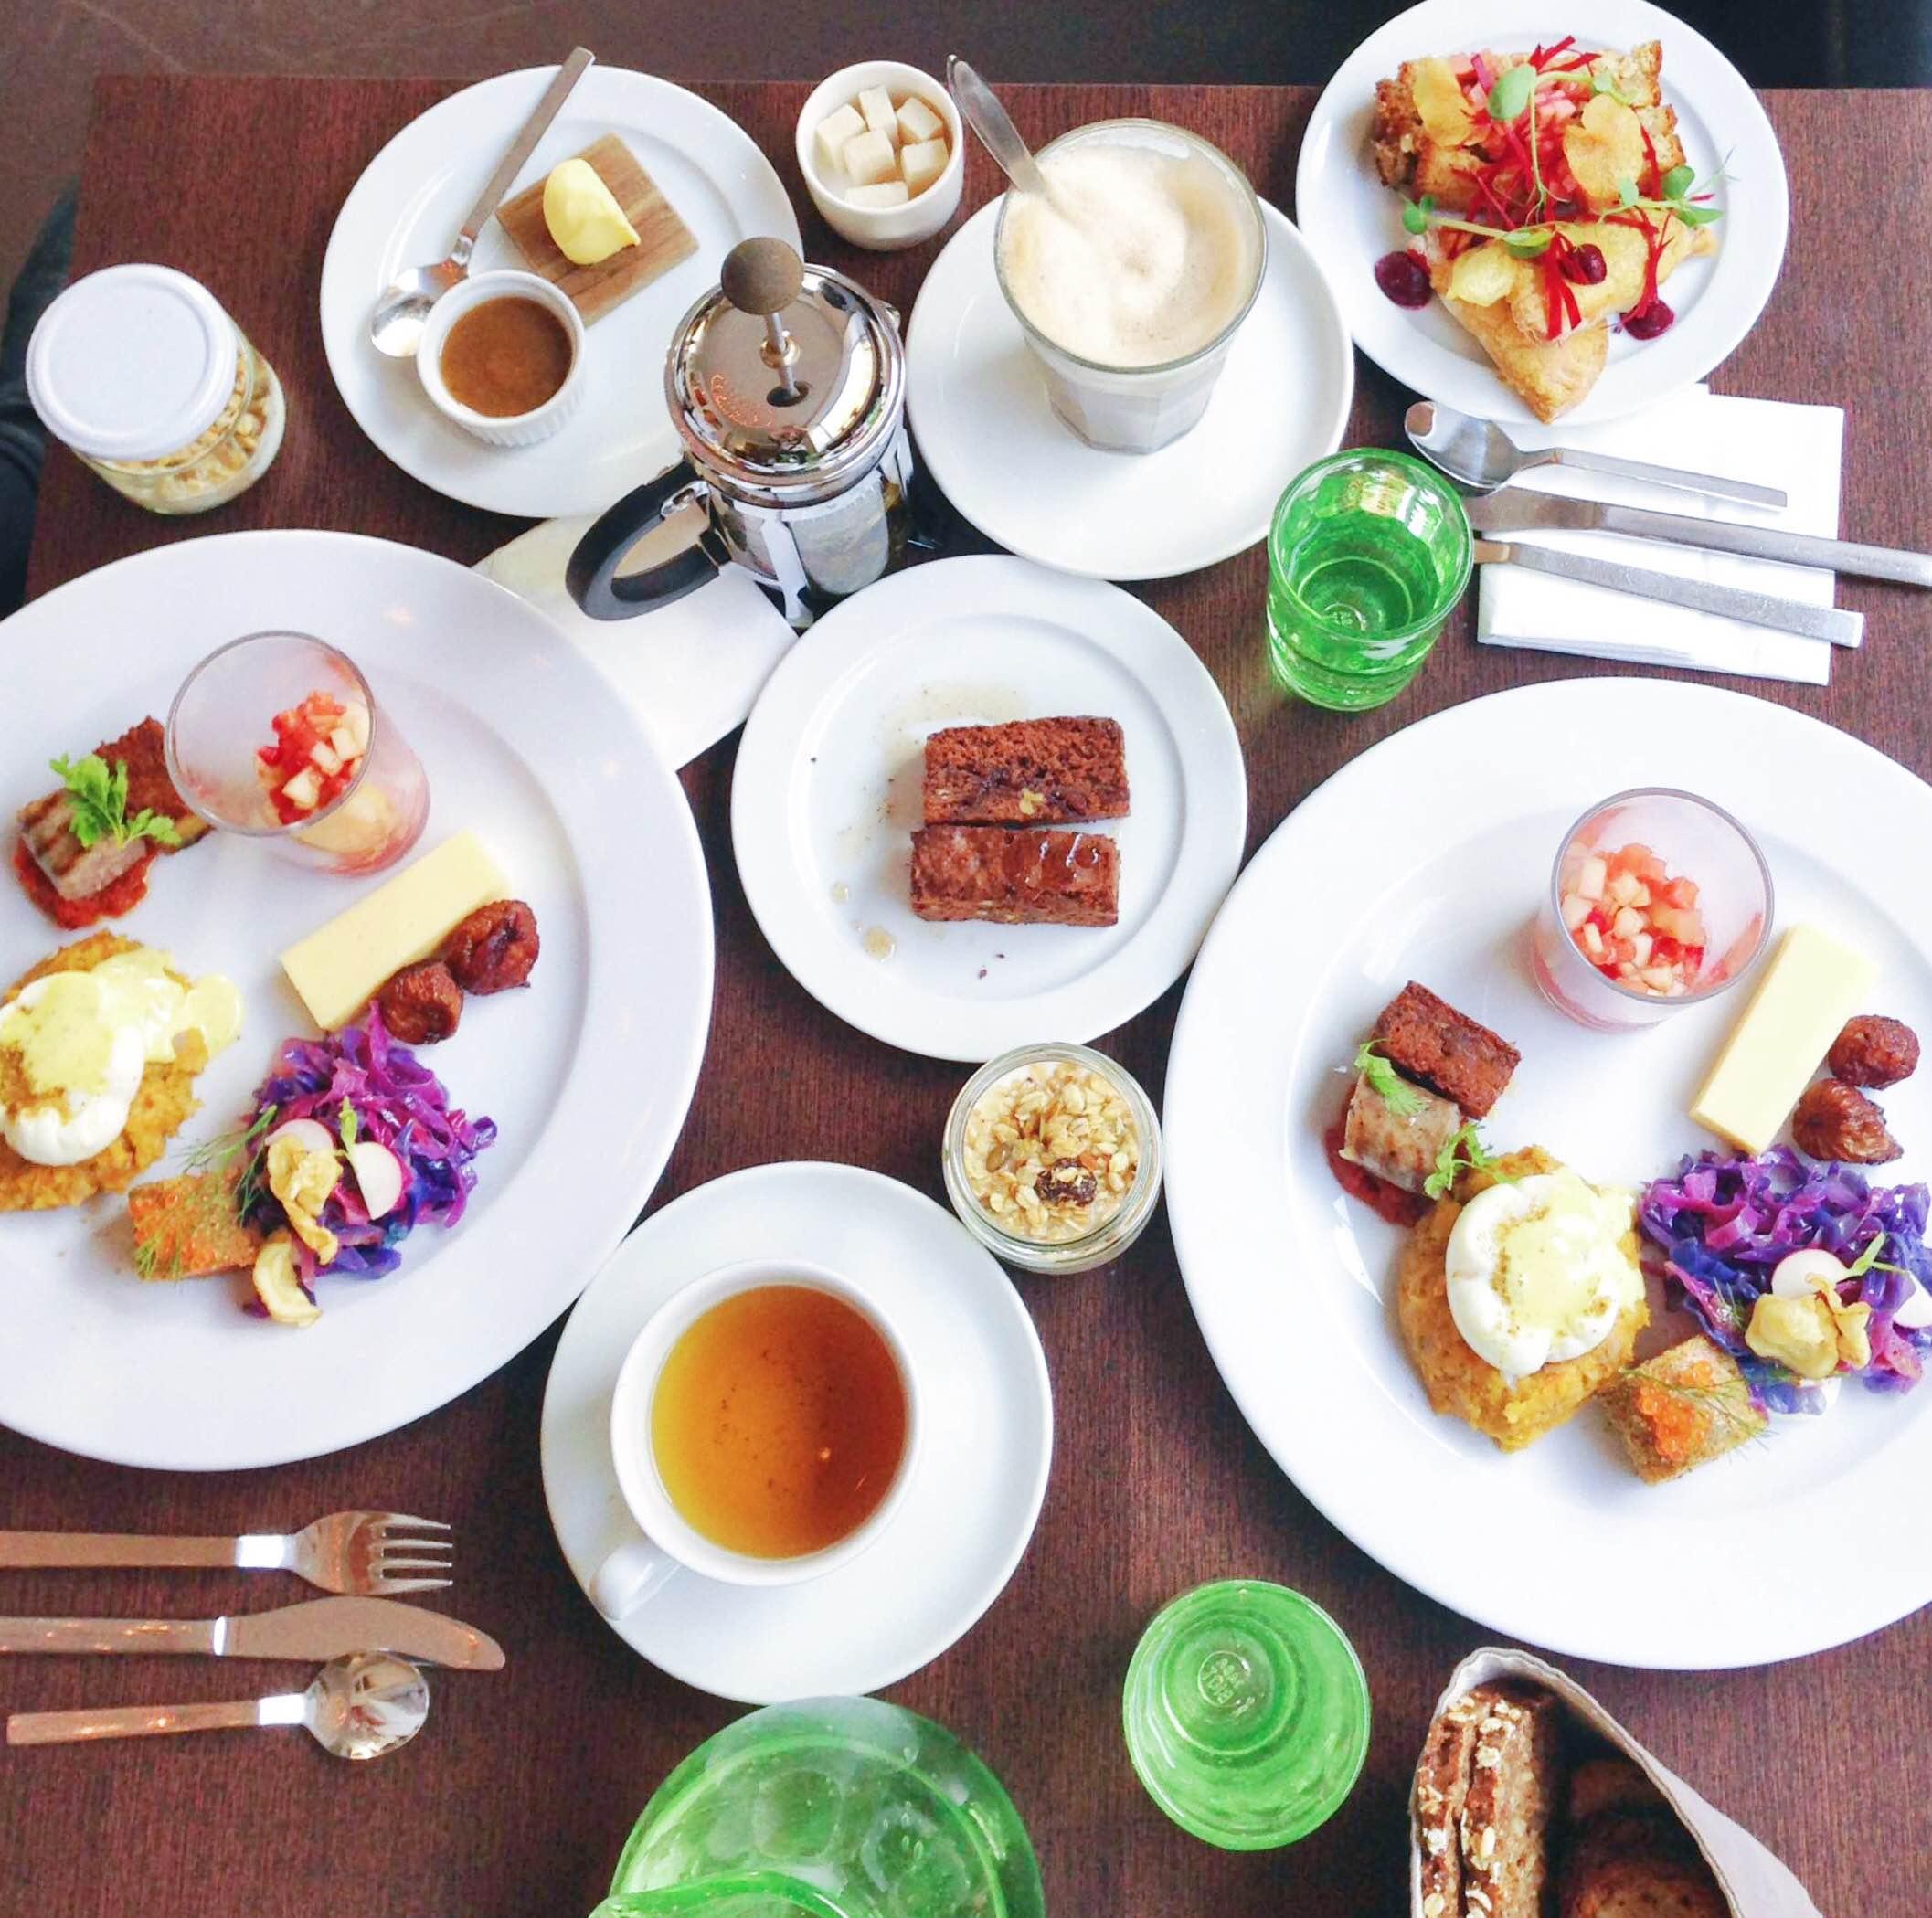 Restaurant BioM weekendbrunch med alverdens farver, brød, kager, kål og æg